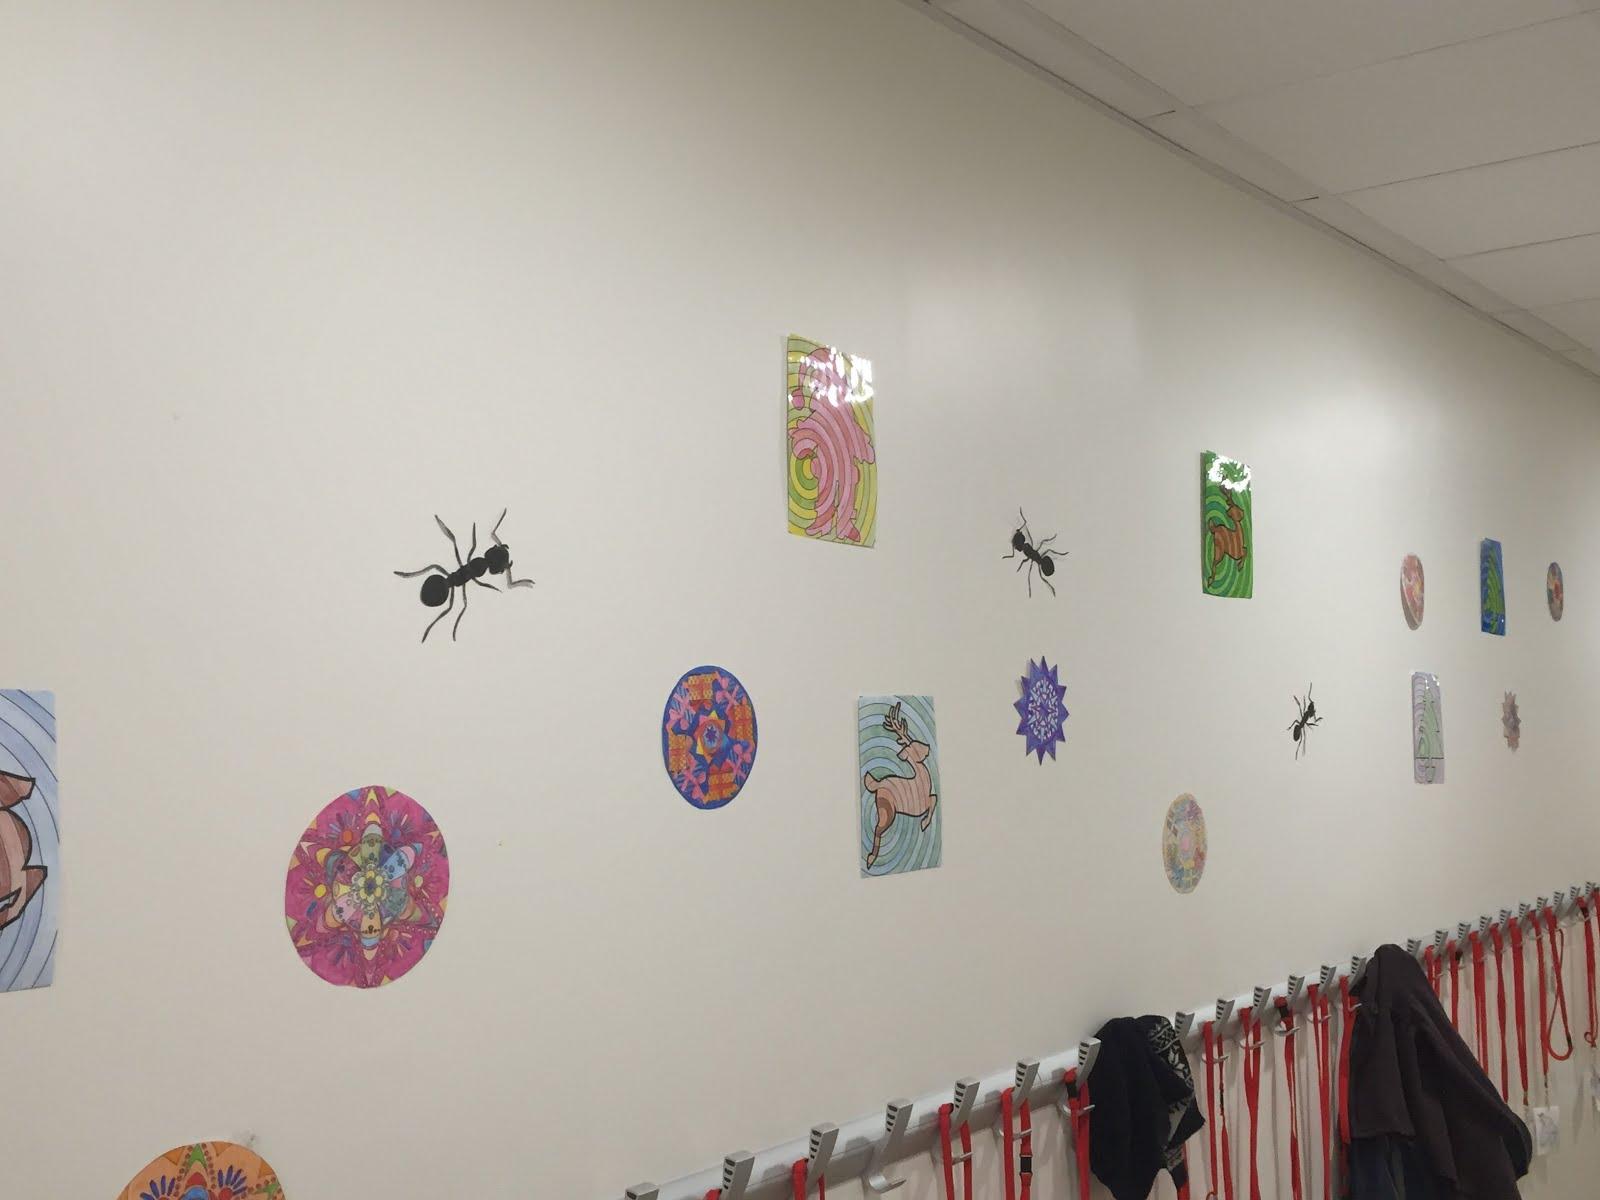 Les fourmis dans le couloir